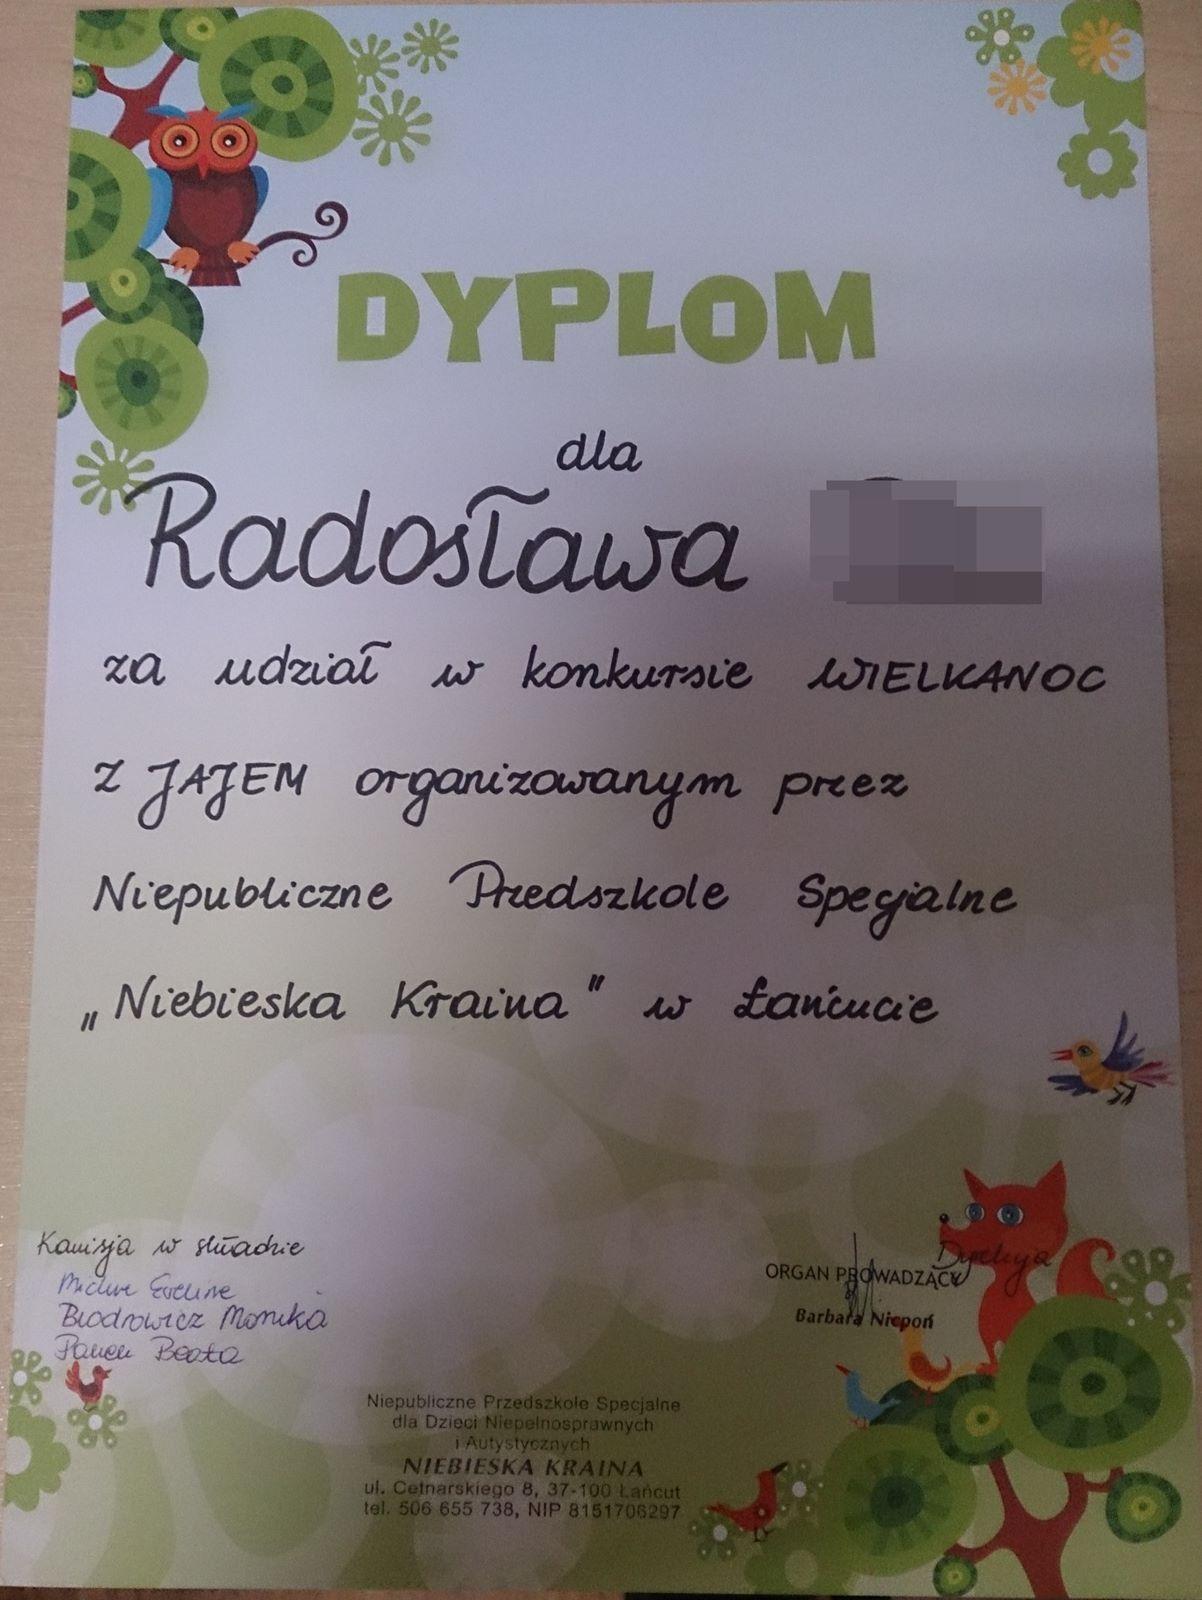 Wyróżnienie dla Radosława